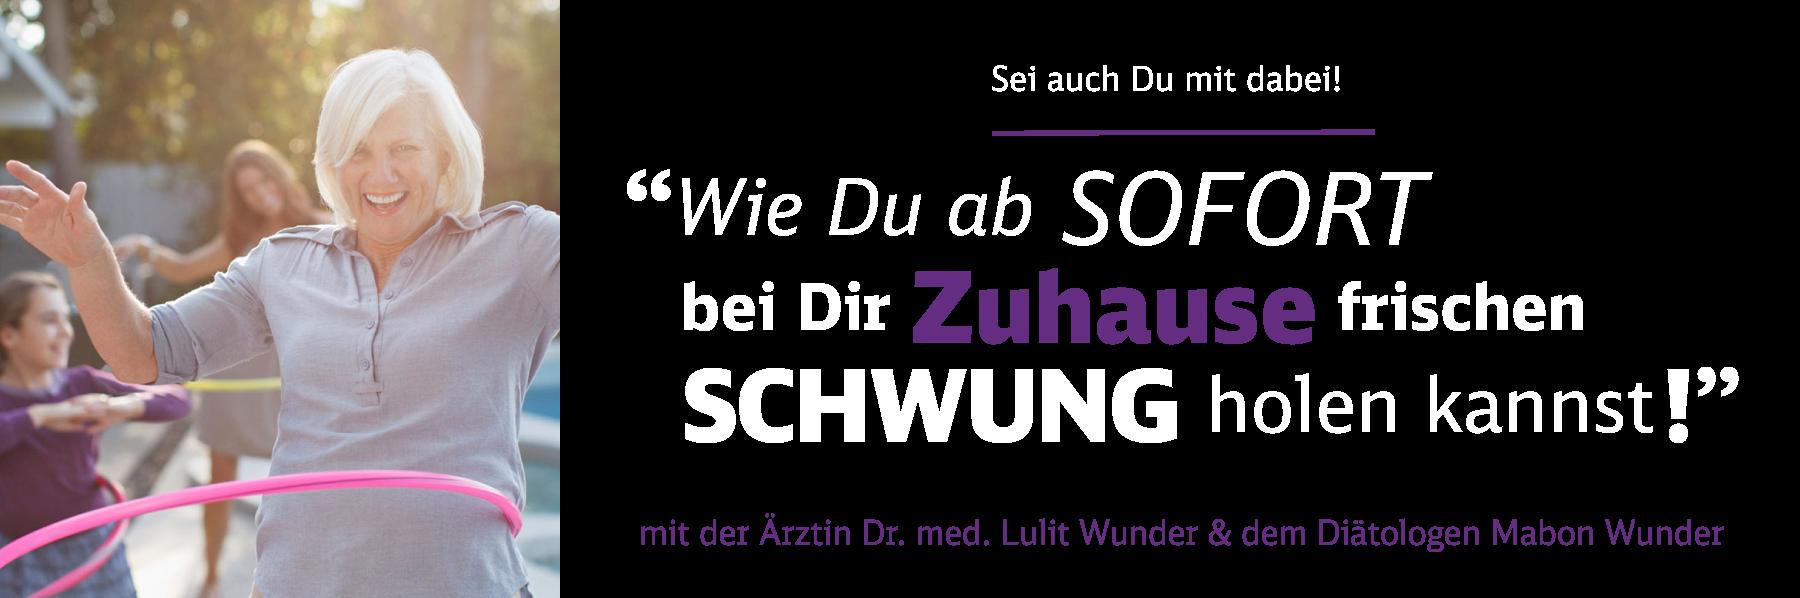 WLR event – Banner